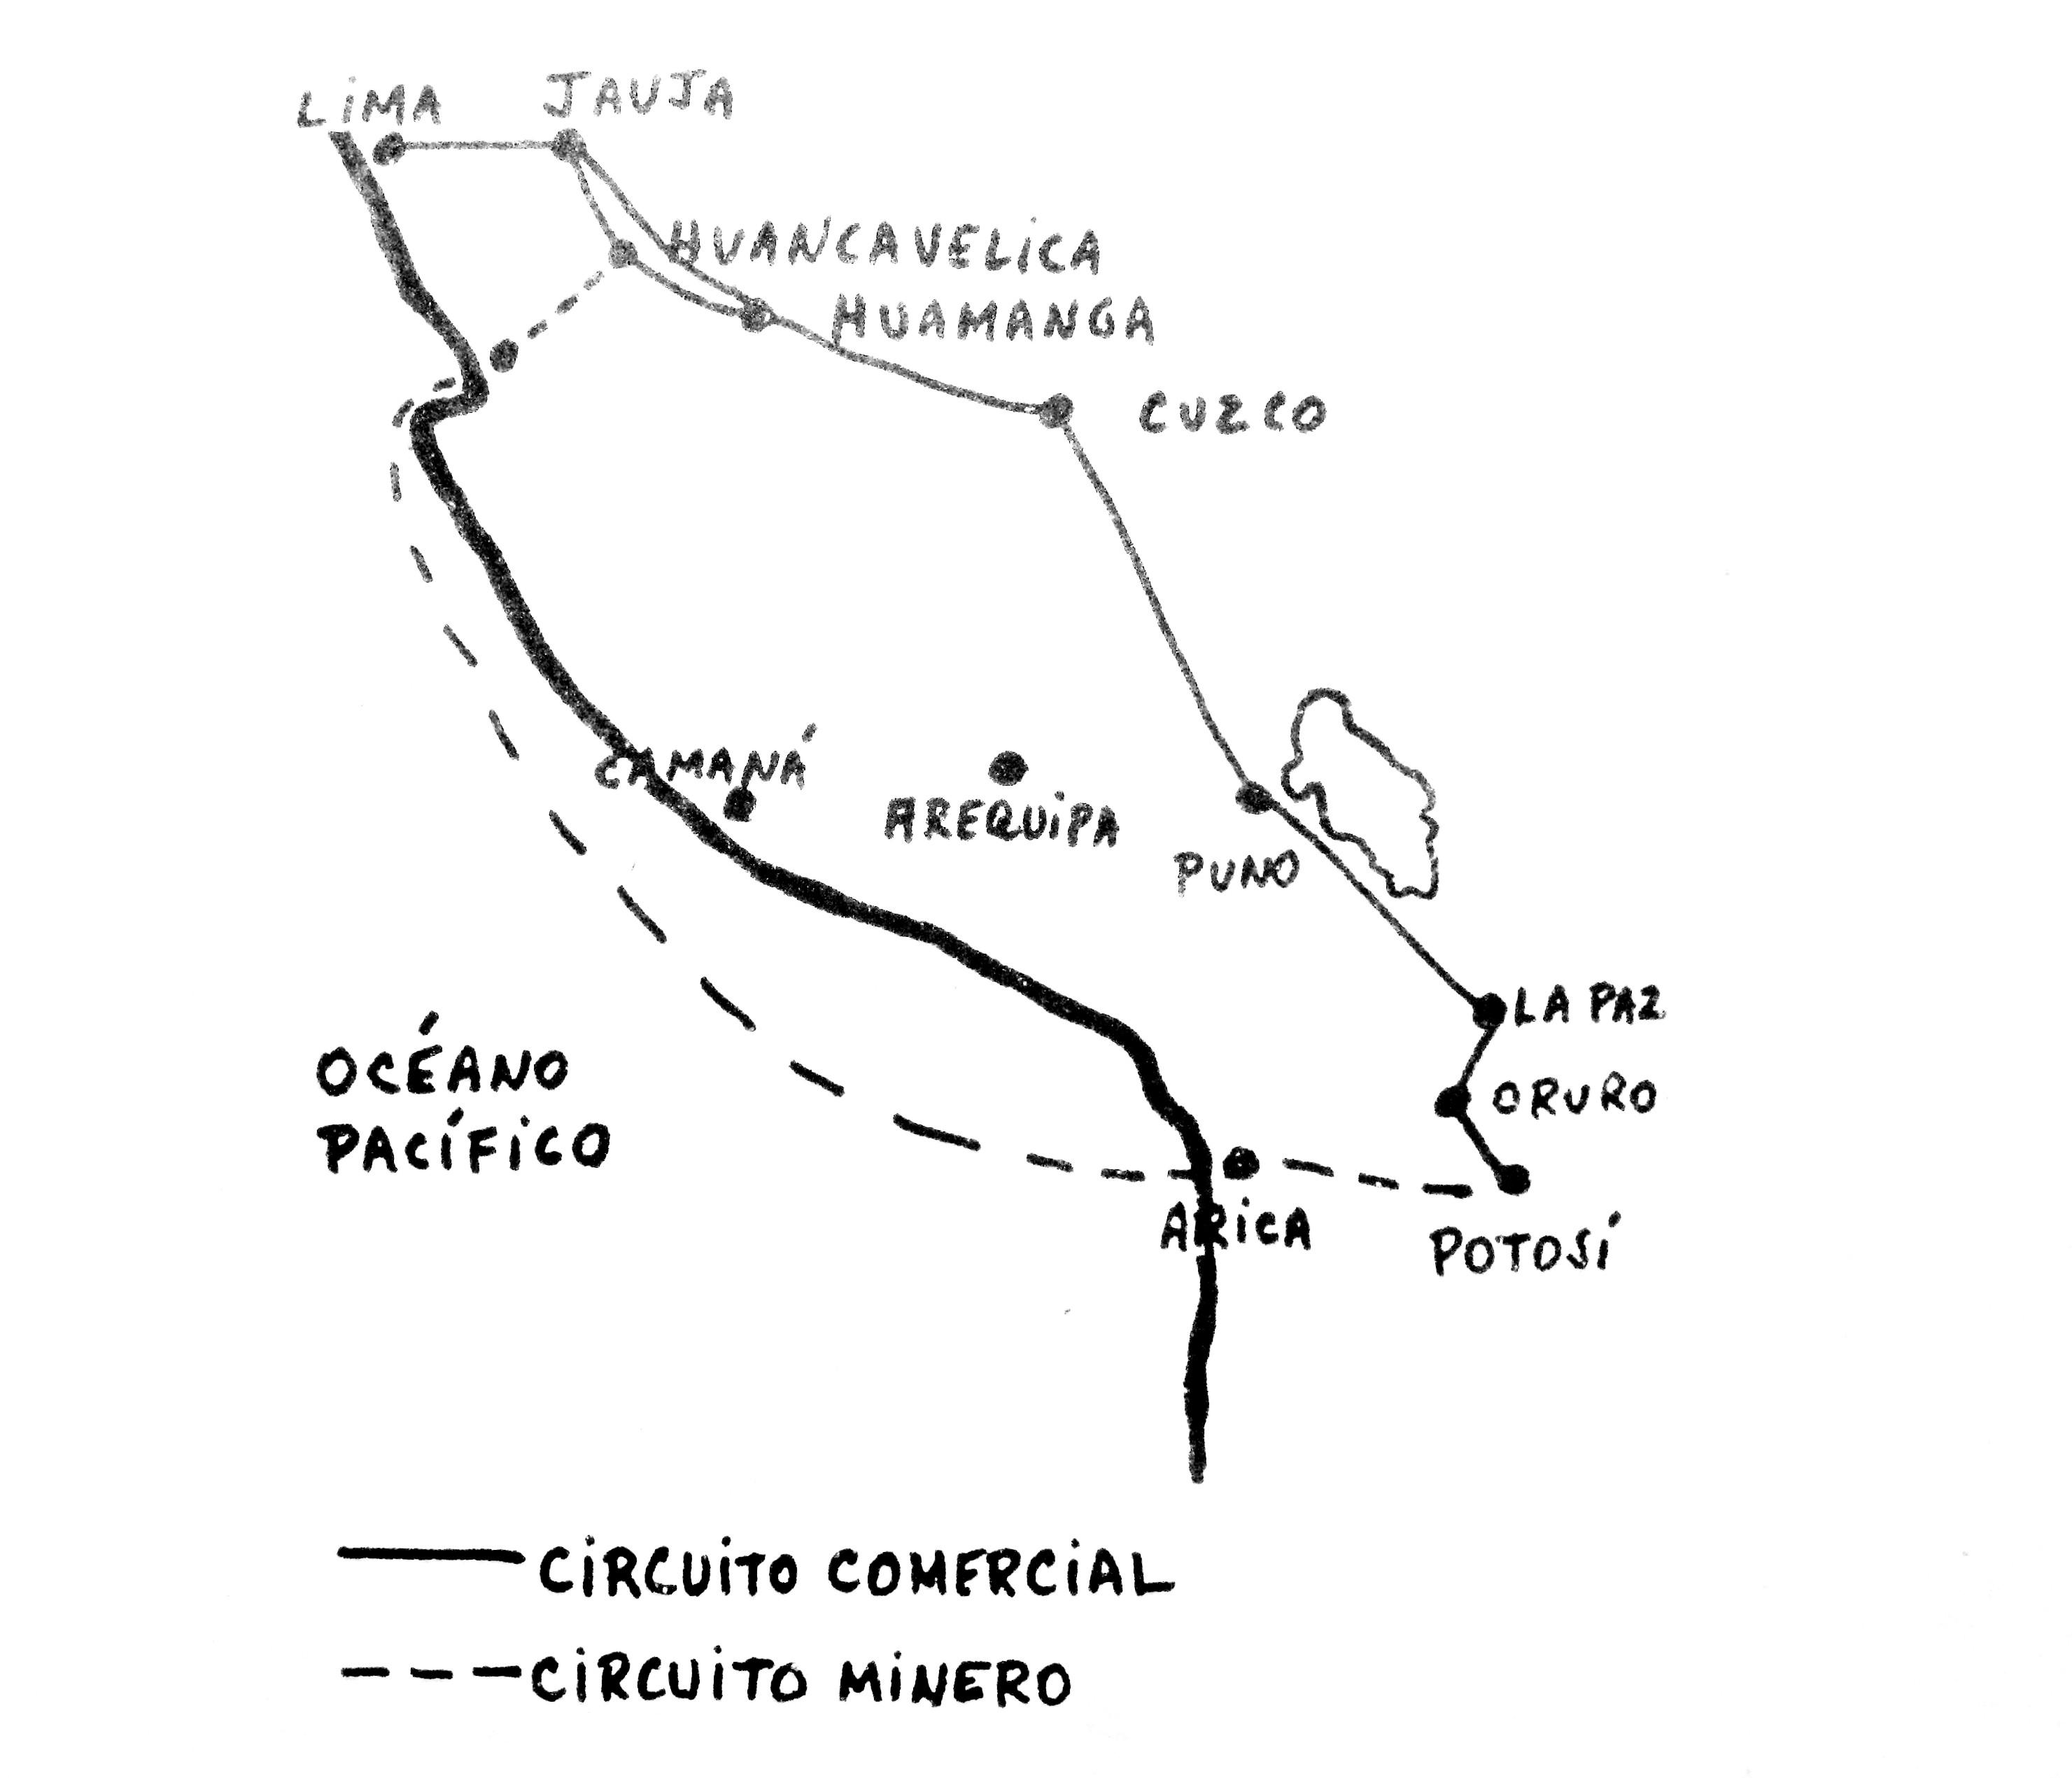 Circuito Wikipedia : Archivo circuito de la colonia g wikipedia la enciclopedia libre